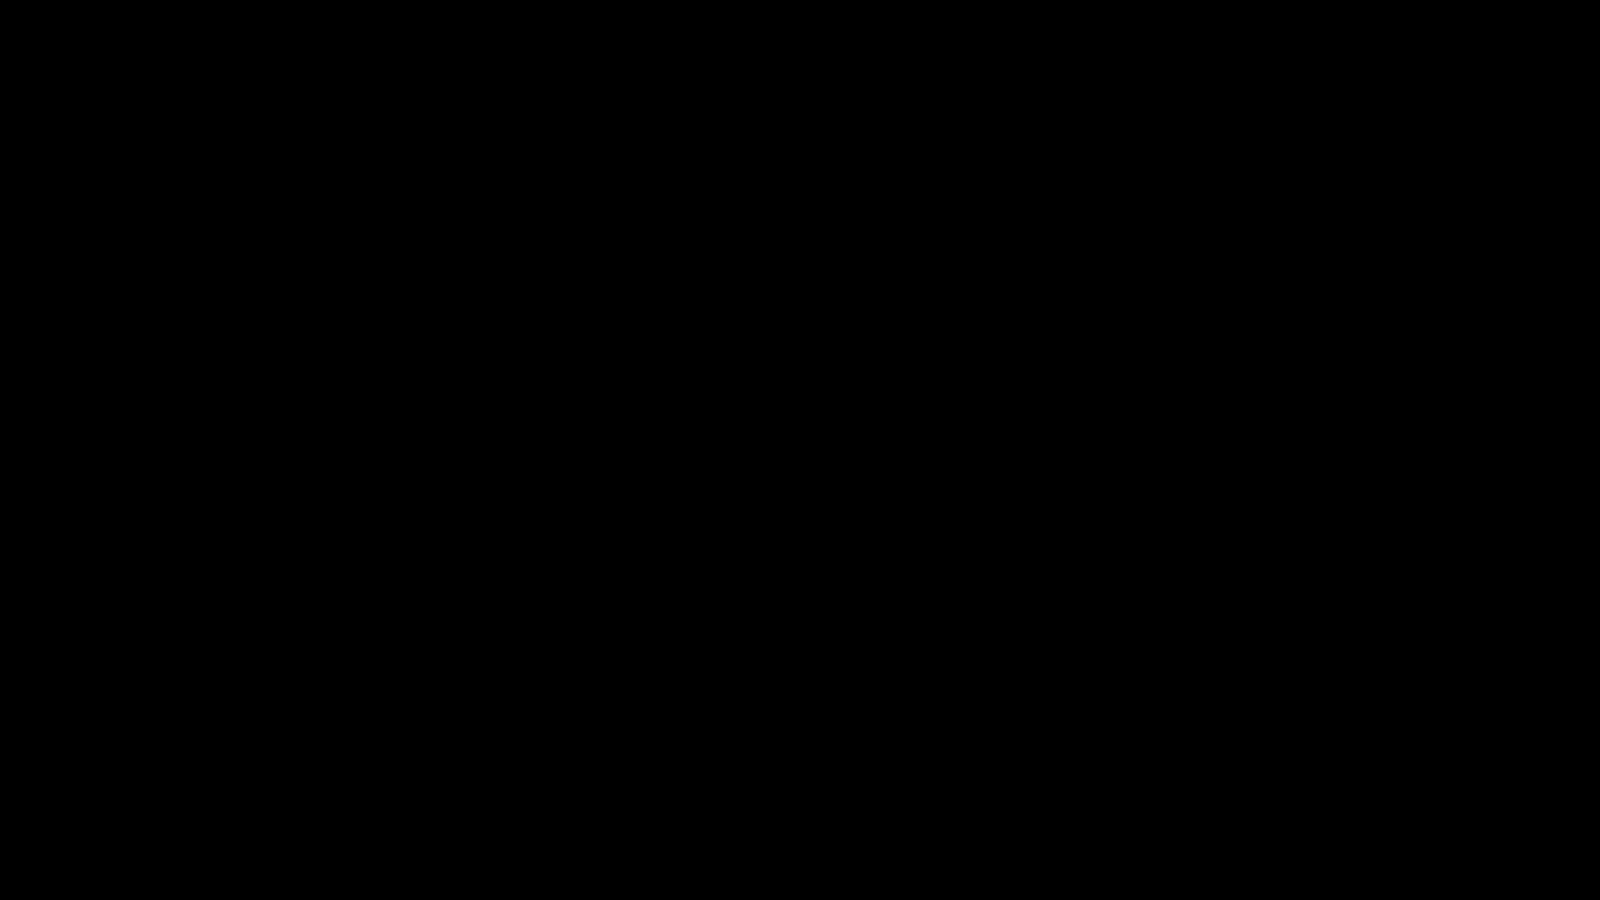 Картинки с надписями адидаса, сделать открытку скрапбукинга